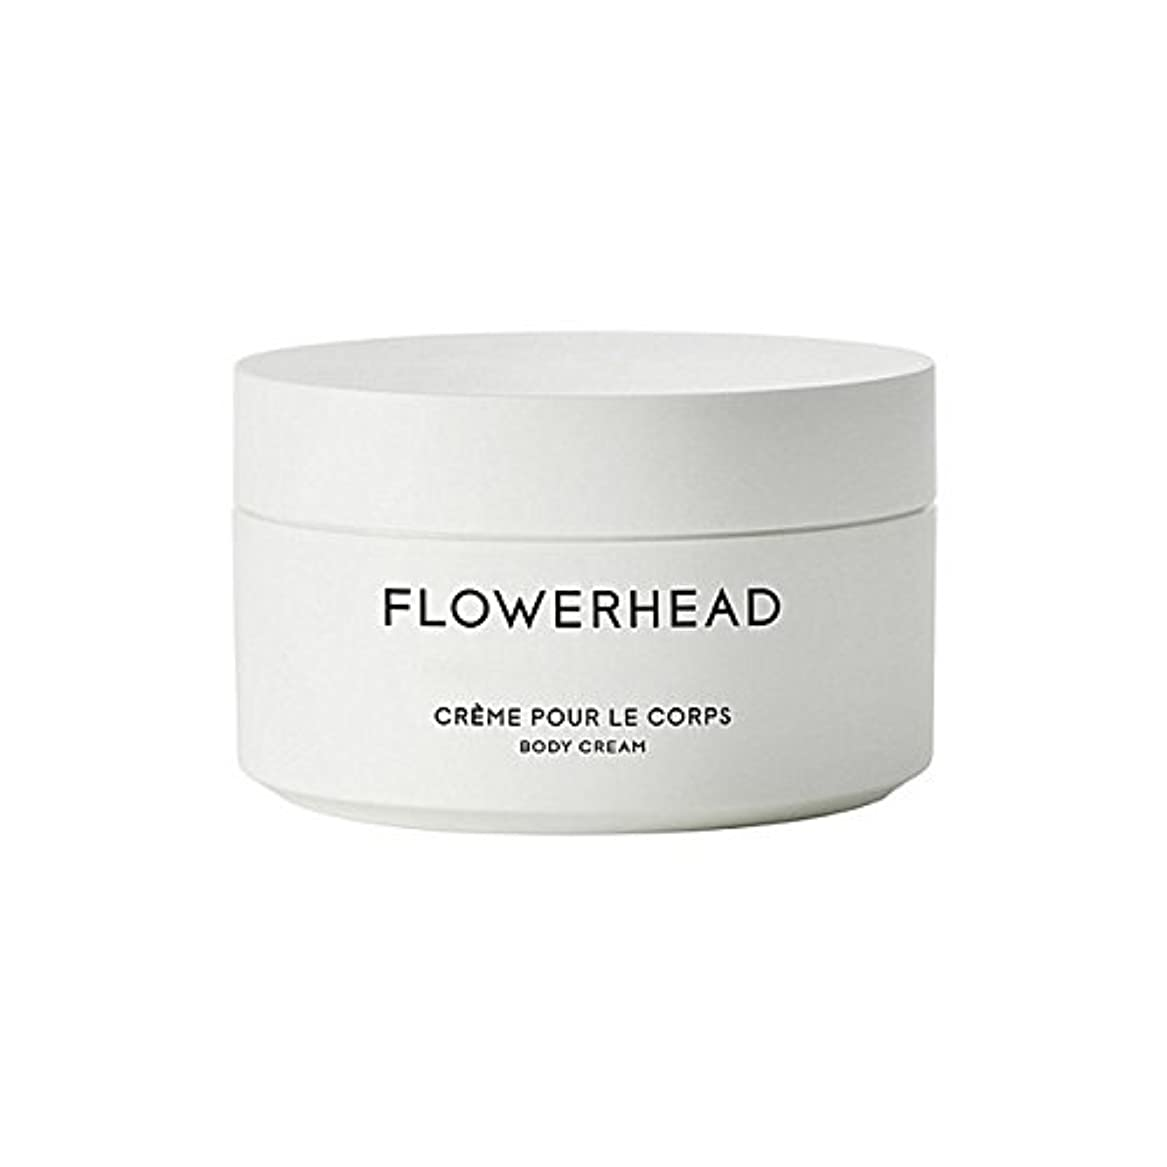 応答休日腹痛ボディクリーム200ミリリットル x2 - Byredo Flowerhead Body Cream 200ml (Pack of 2) [並行輸入品]